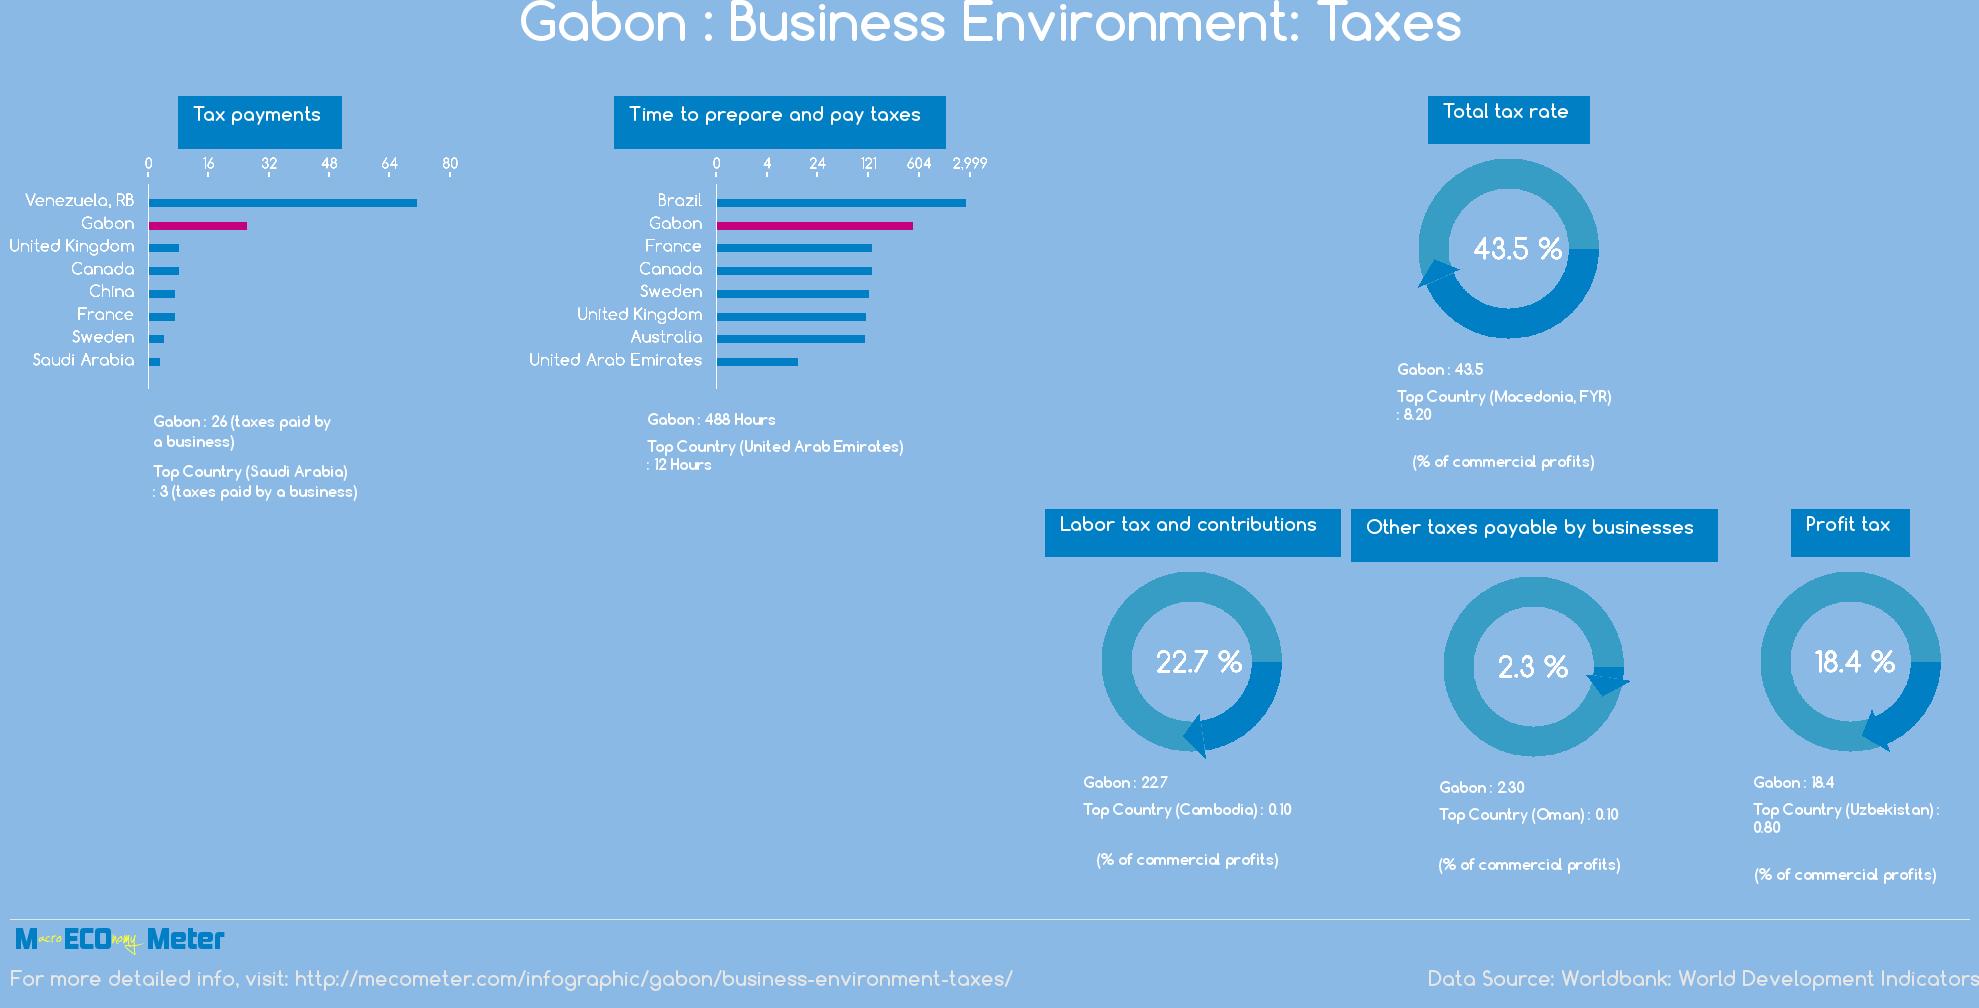 Gabon : Business Environment: Taxes